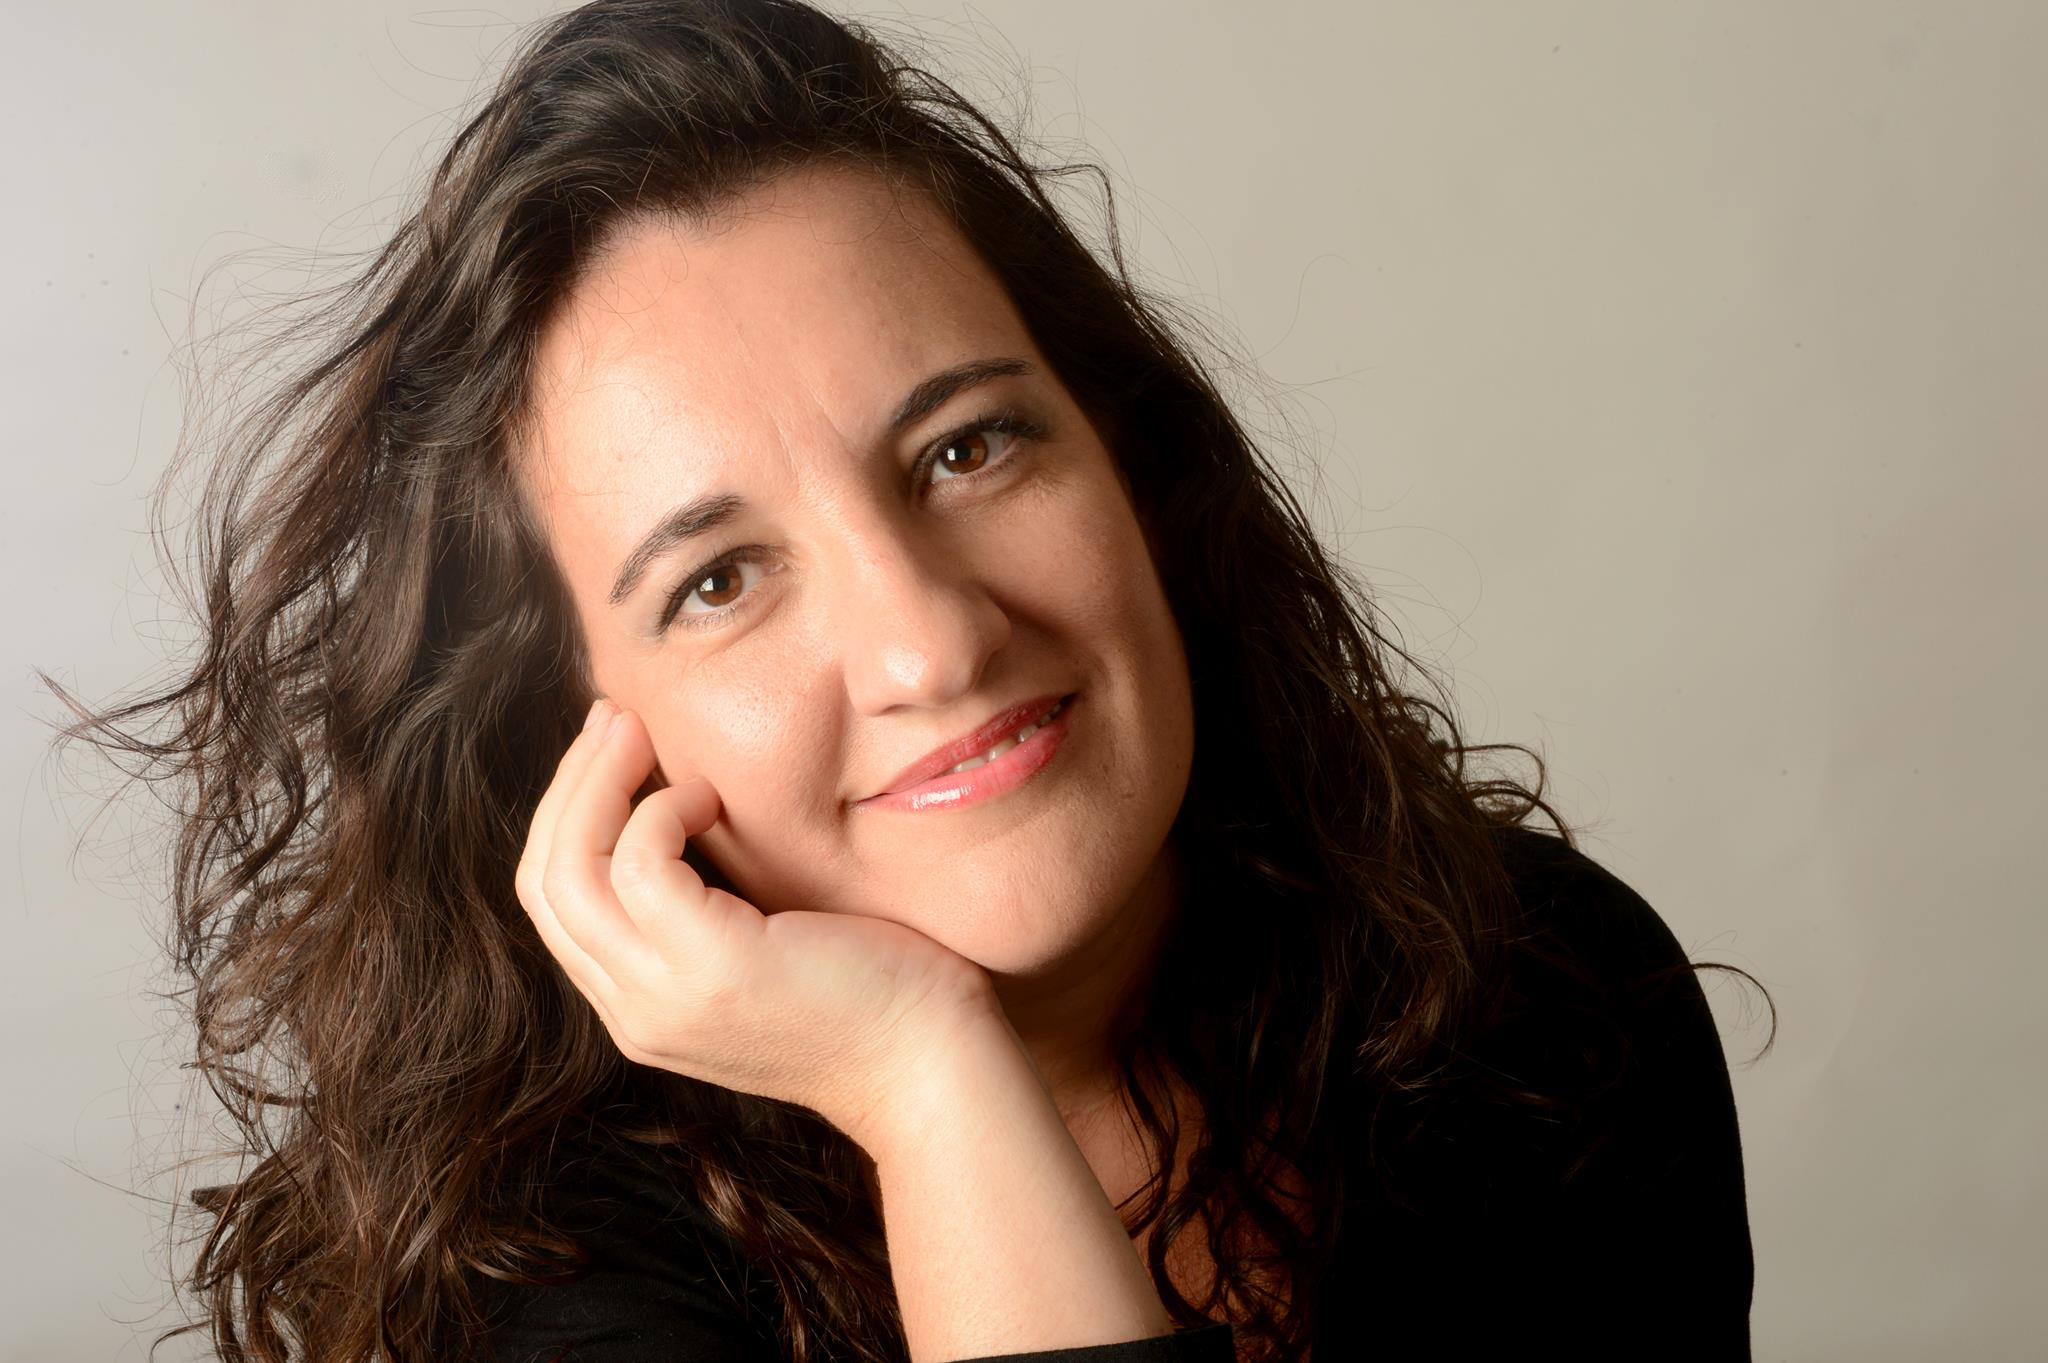 Por Victoria Nasisi, escritora rojense